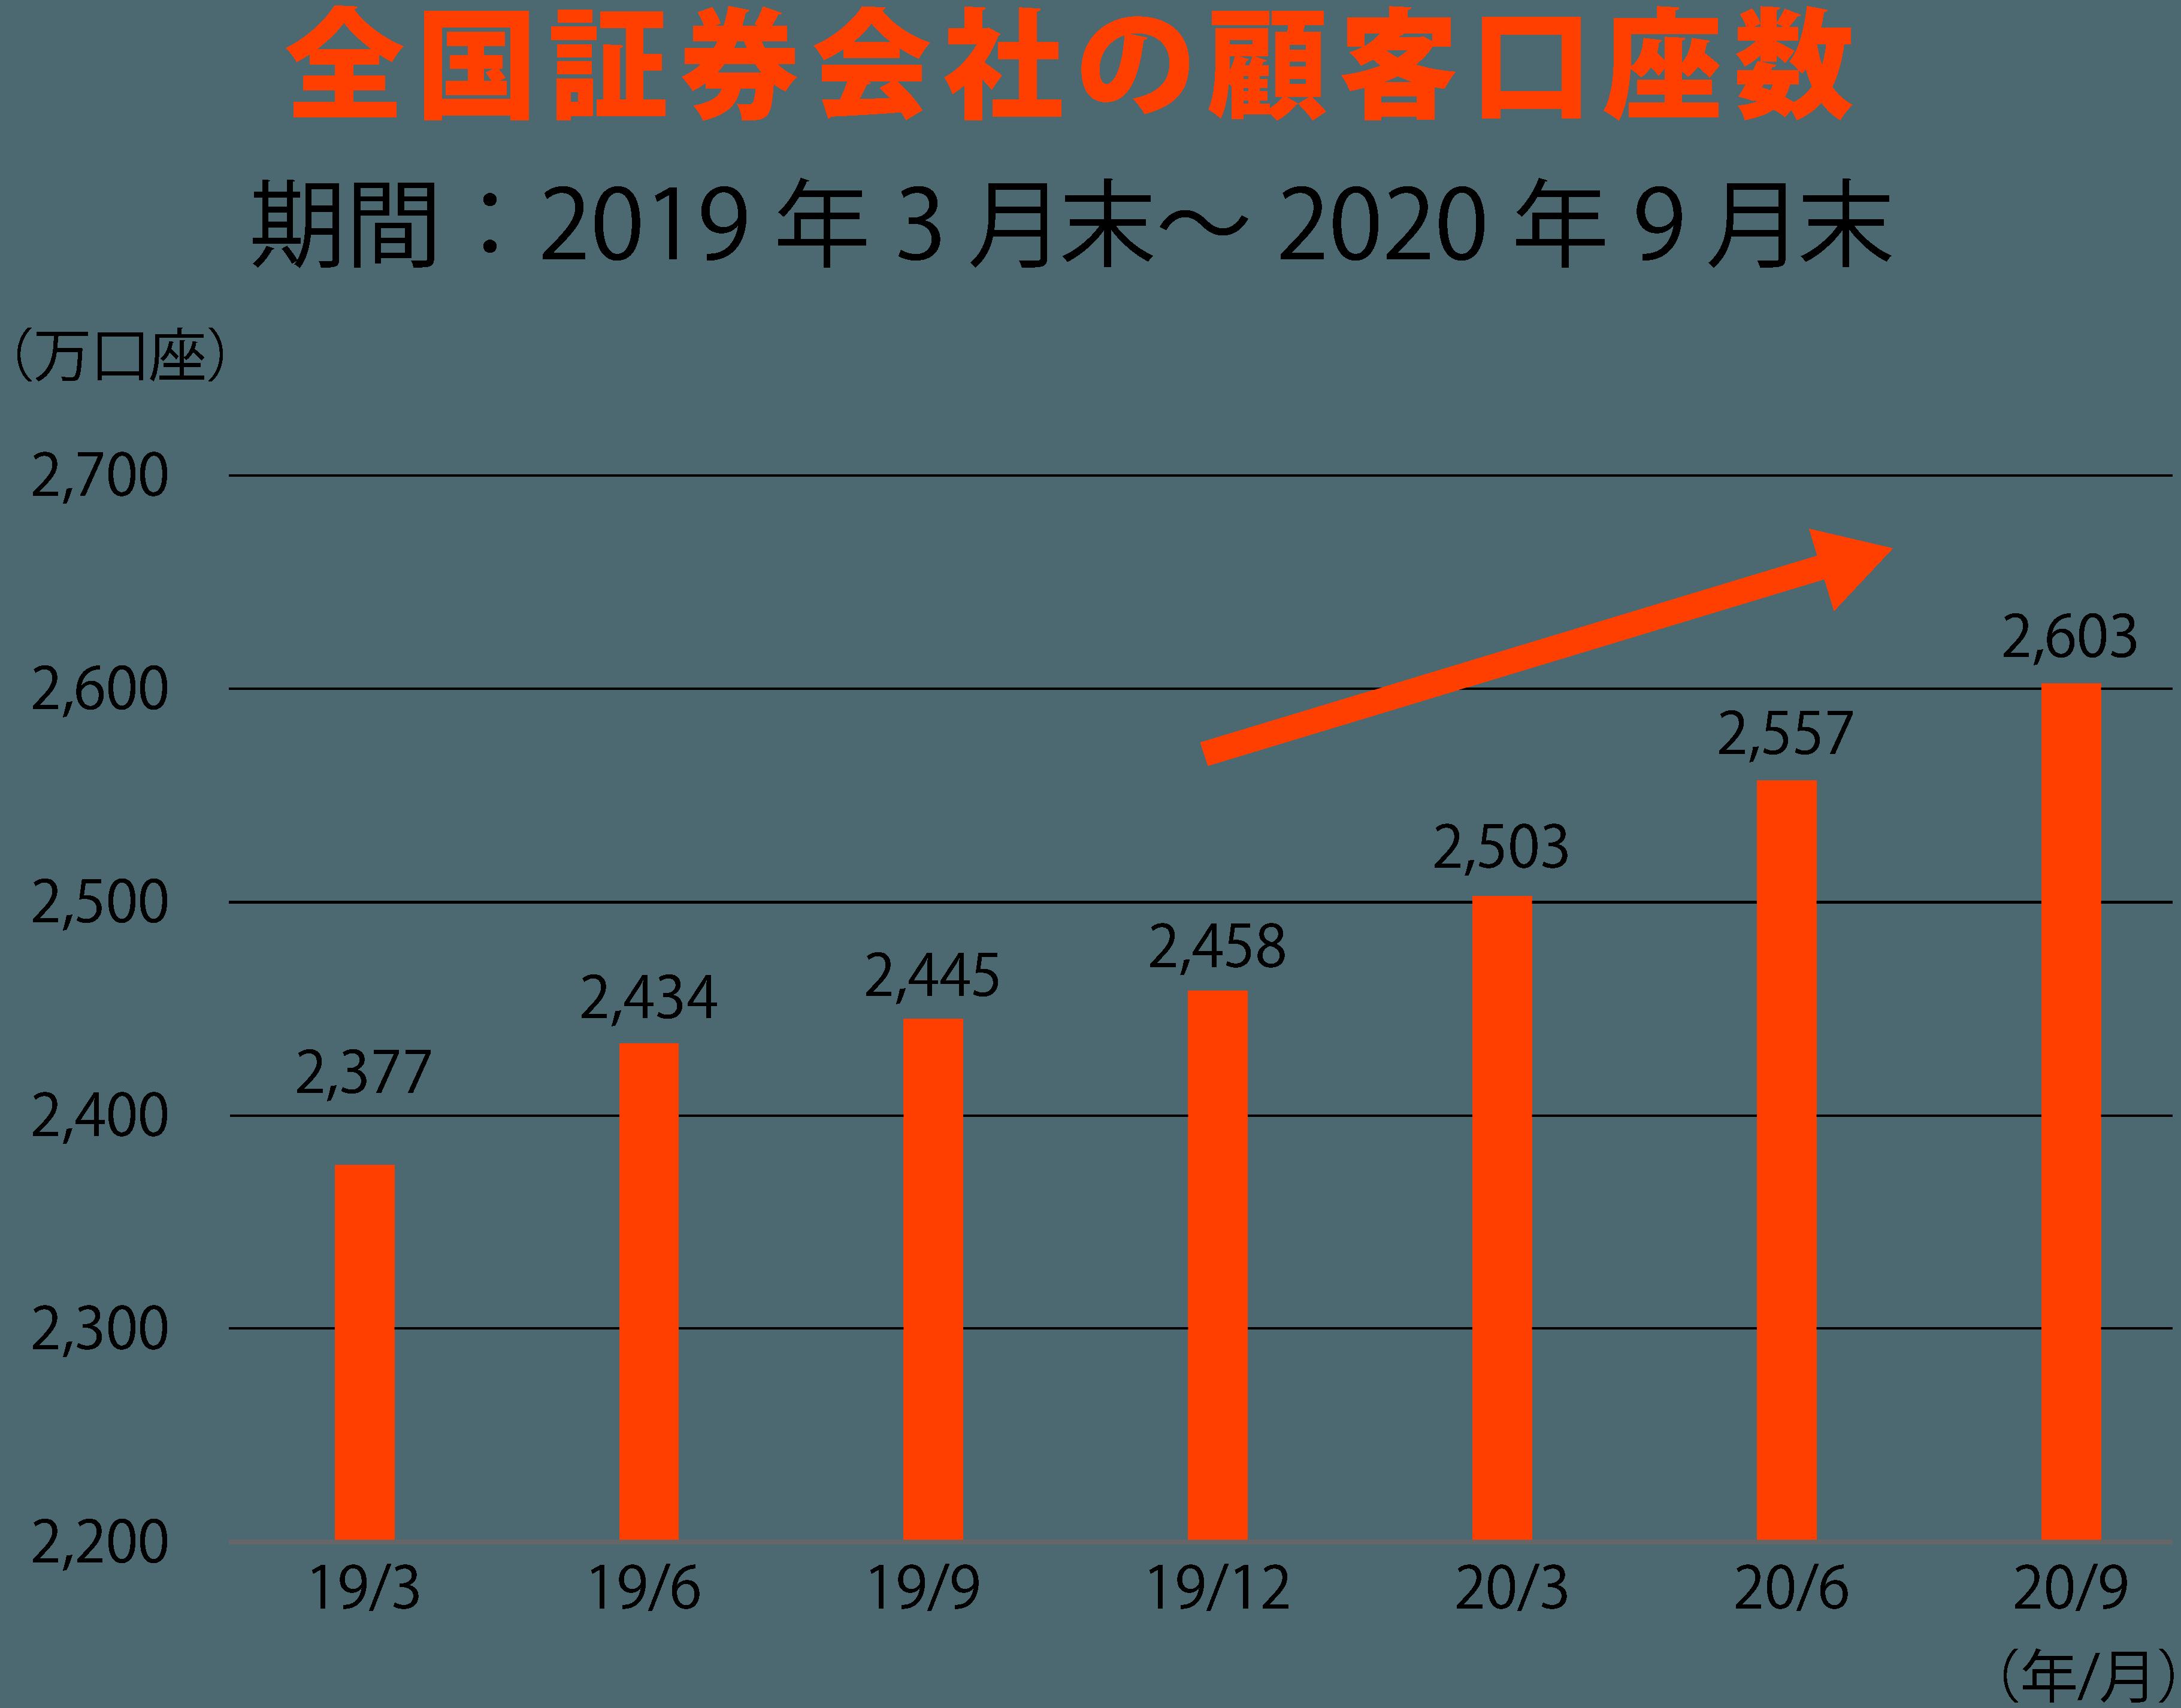 全国証券会社の顧客口座数